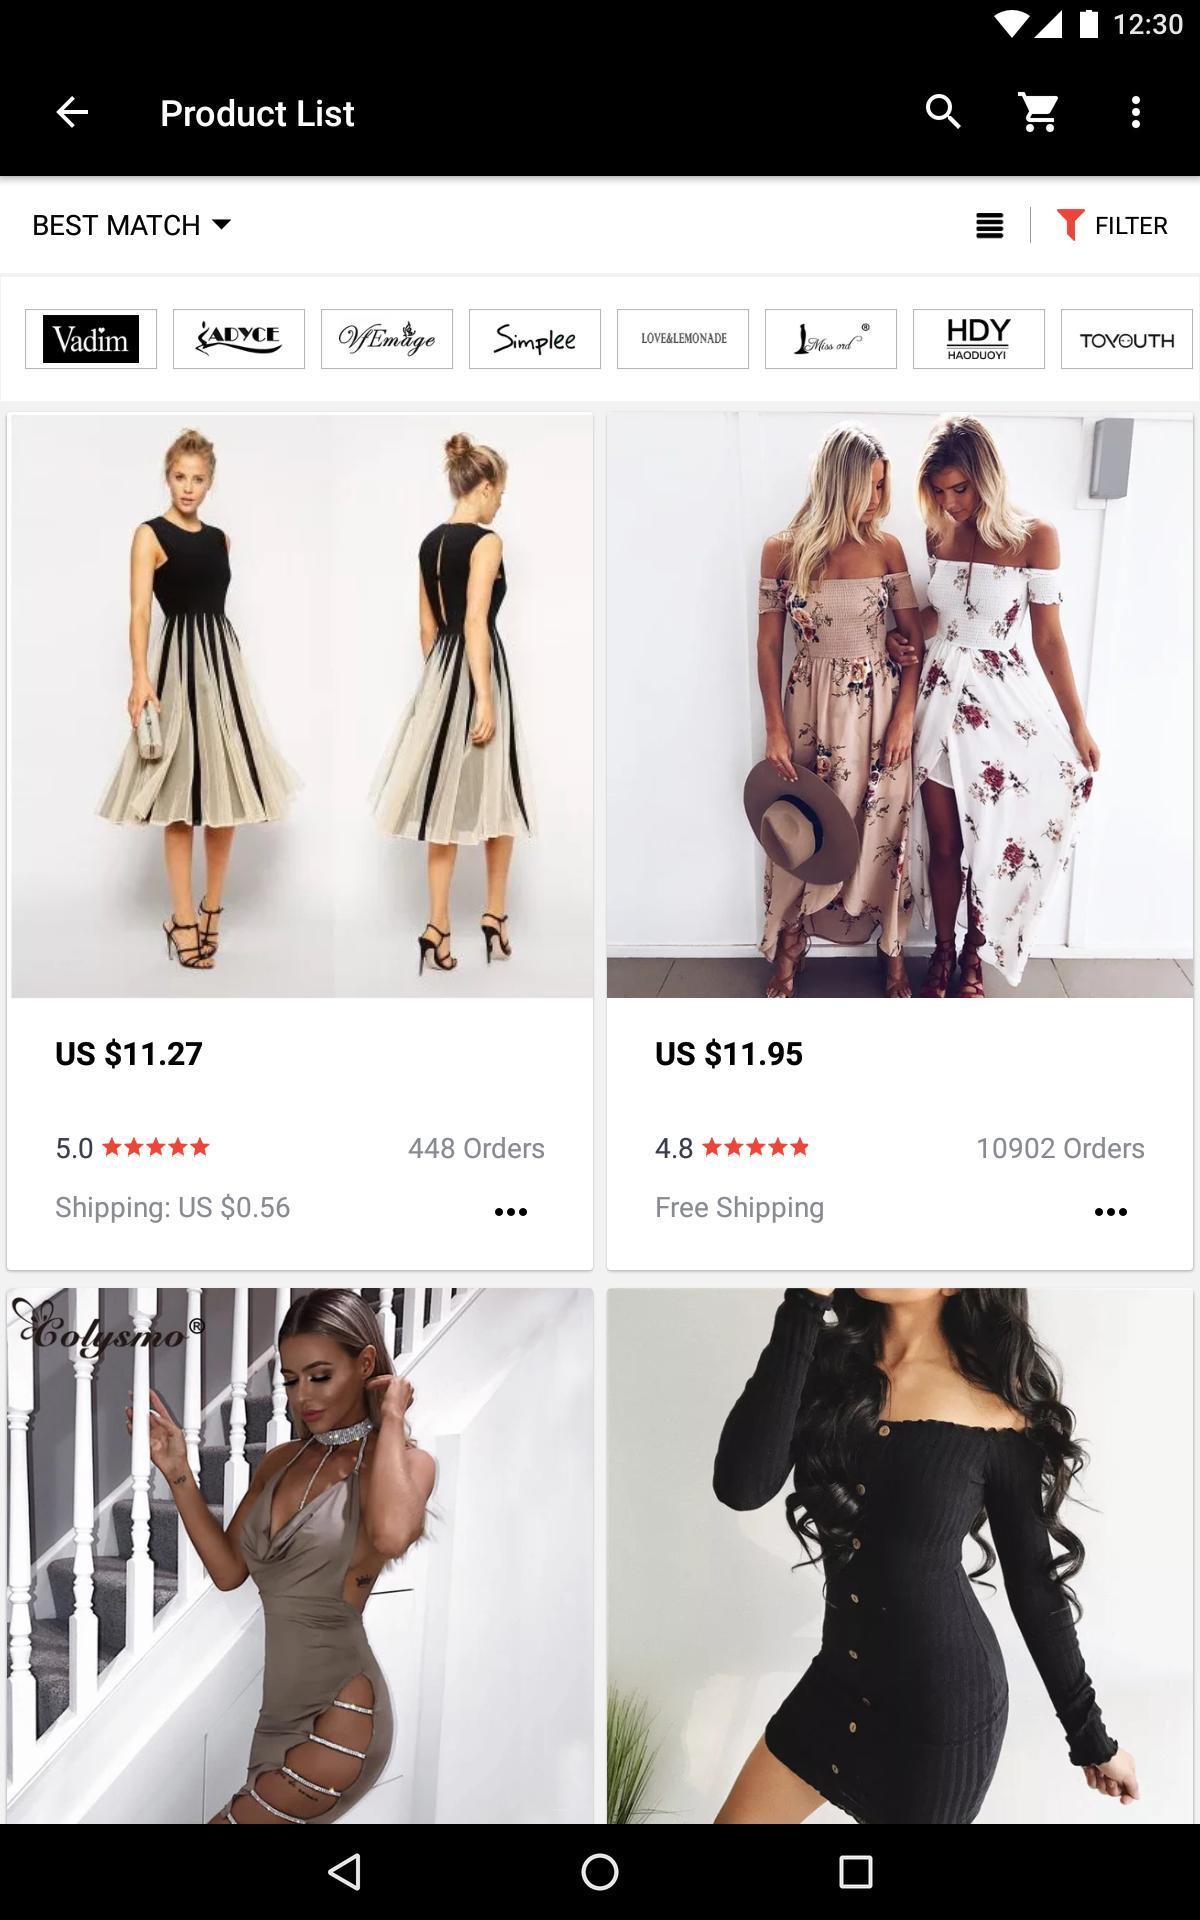 AliExpress Smarter Shopping, Better Living 8.3.3 Screenshot 13